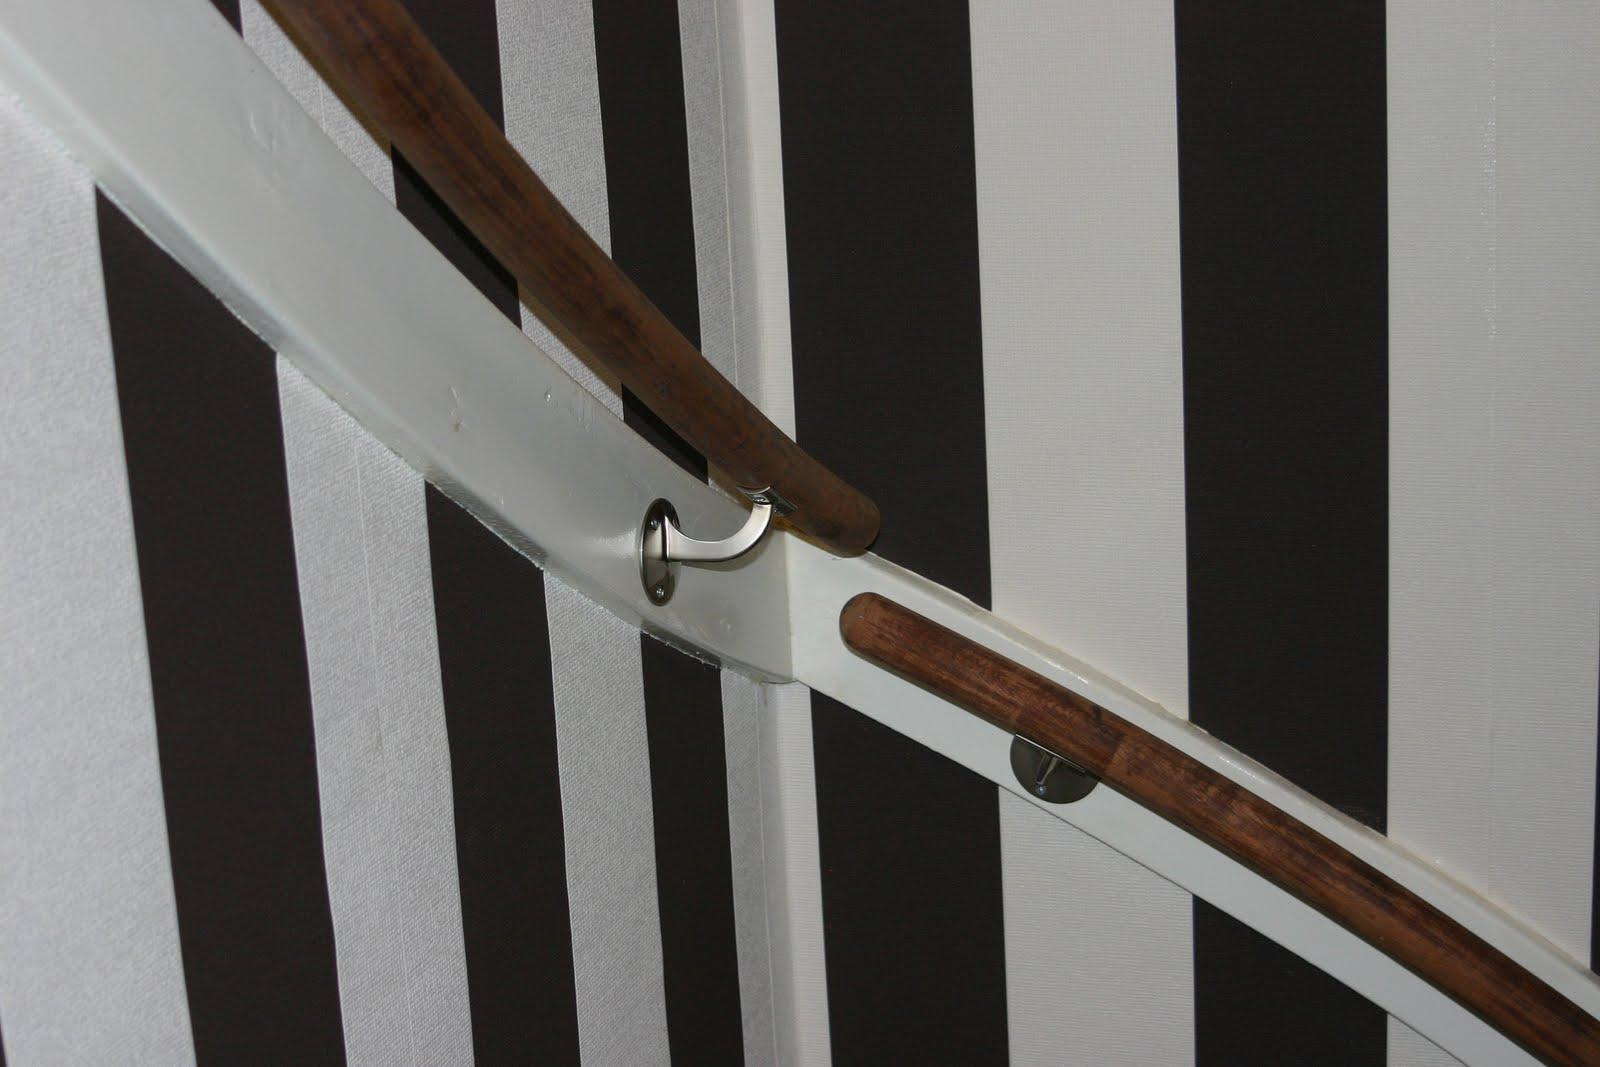 Casa victoria behang in traphuis 1 op 1 for Behang trapgat